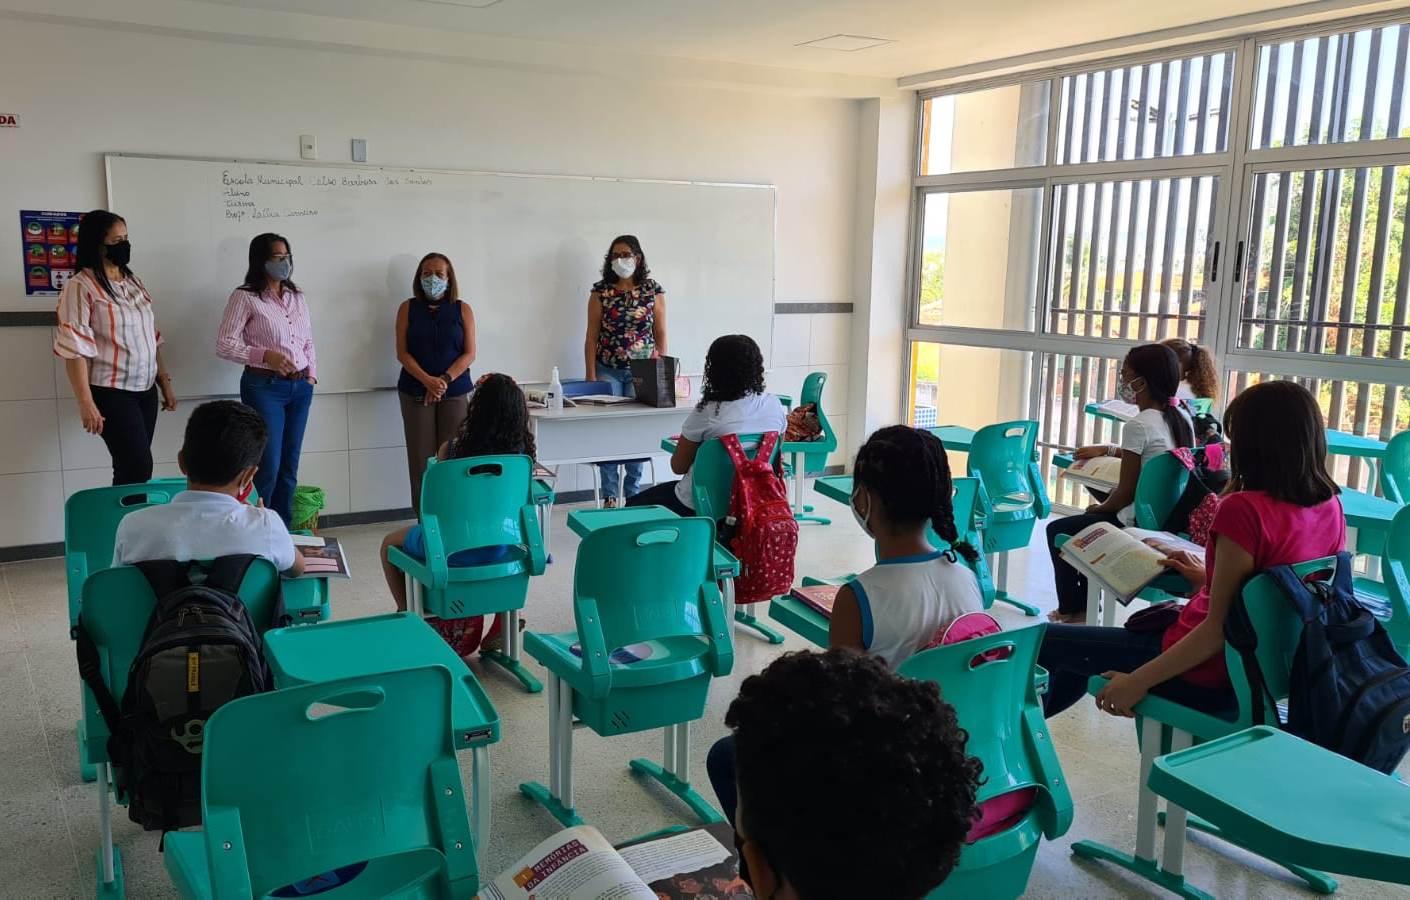 Aulas presenciais do Ensino Fundamental I são retomadas em Barreiras